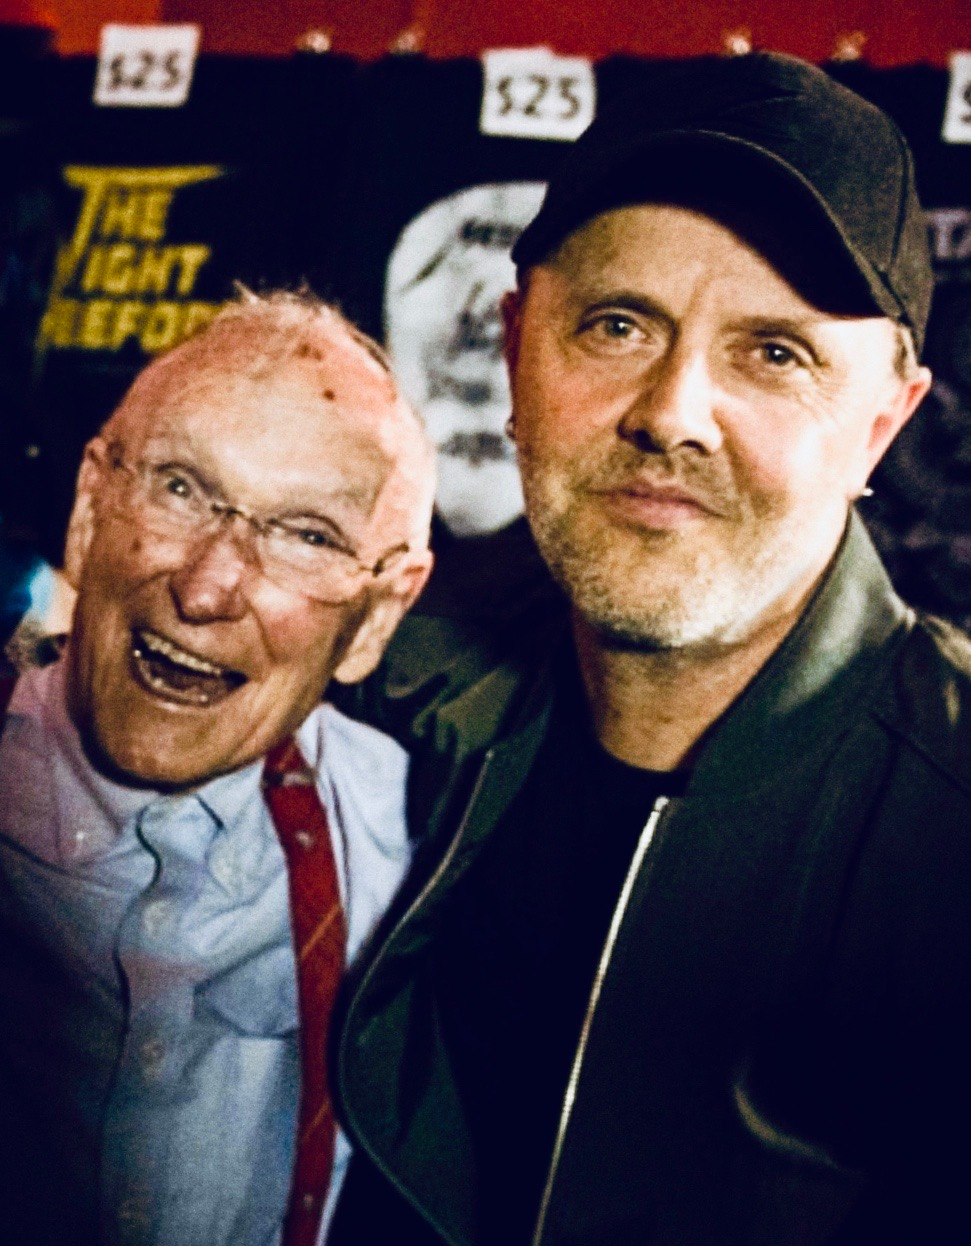 Ray Burton & Lars Ulrich